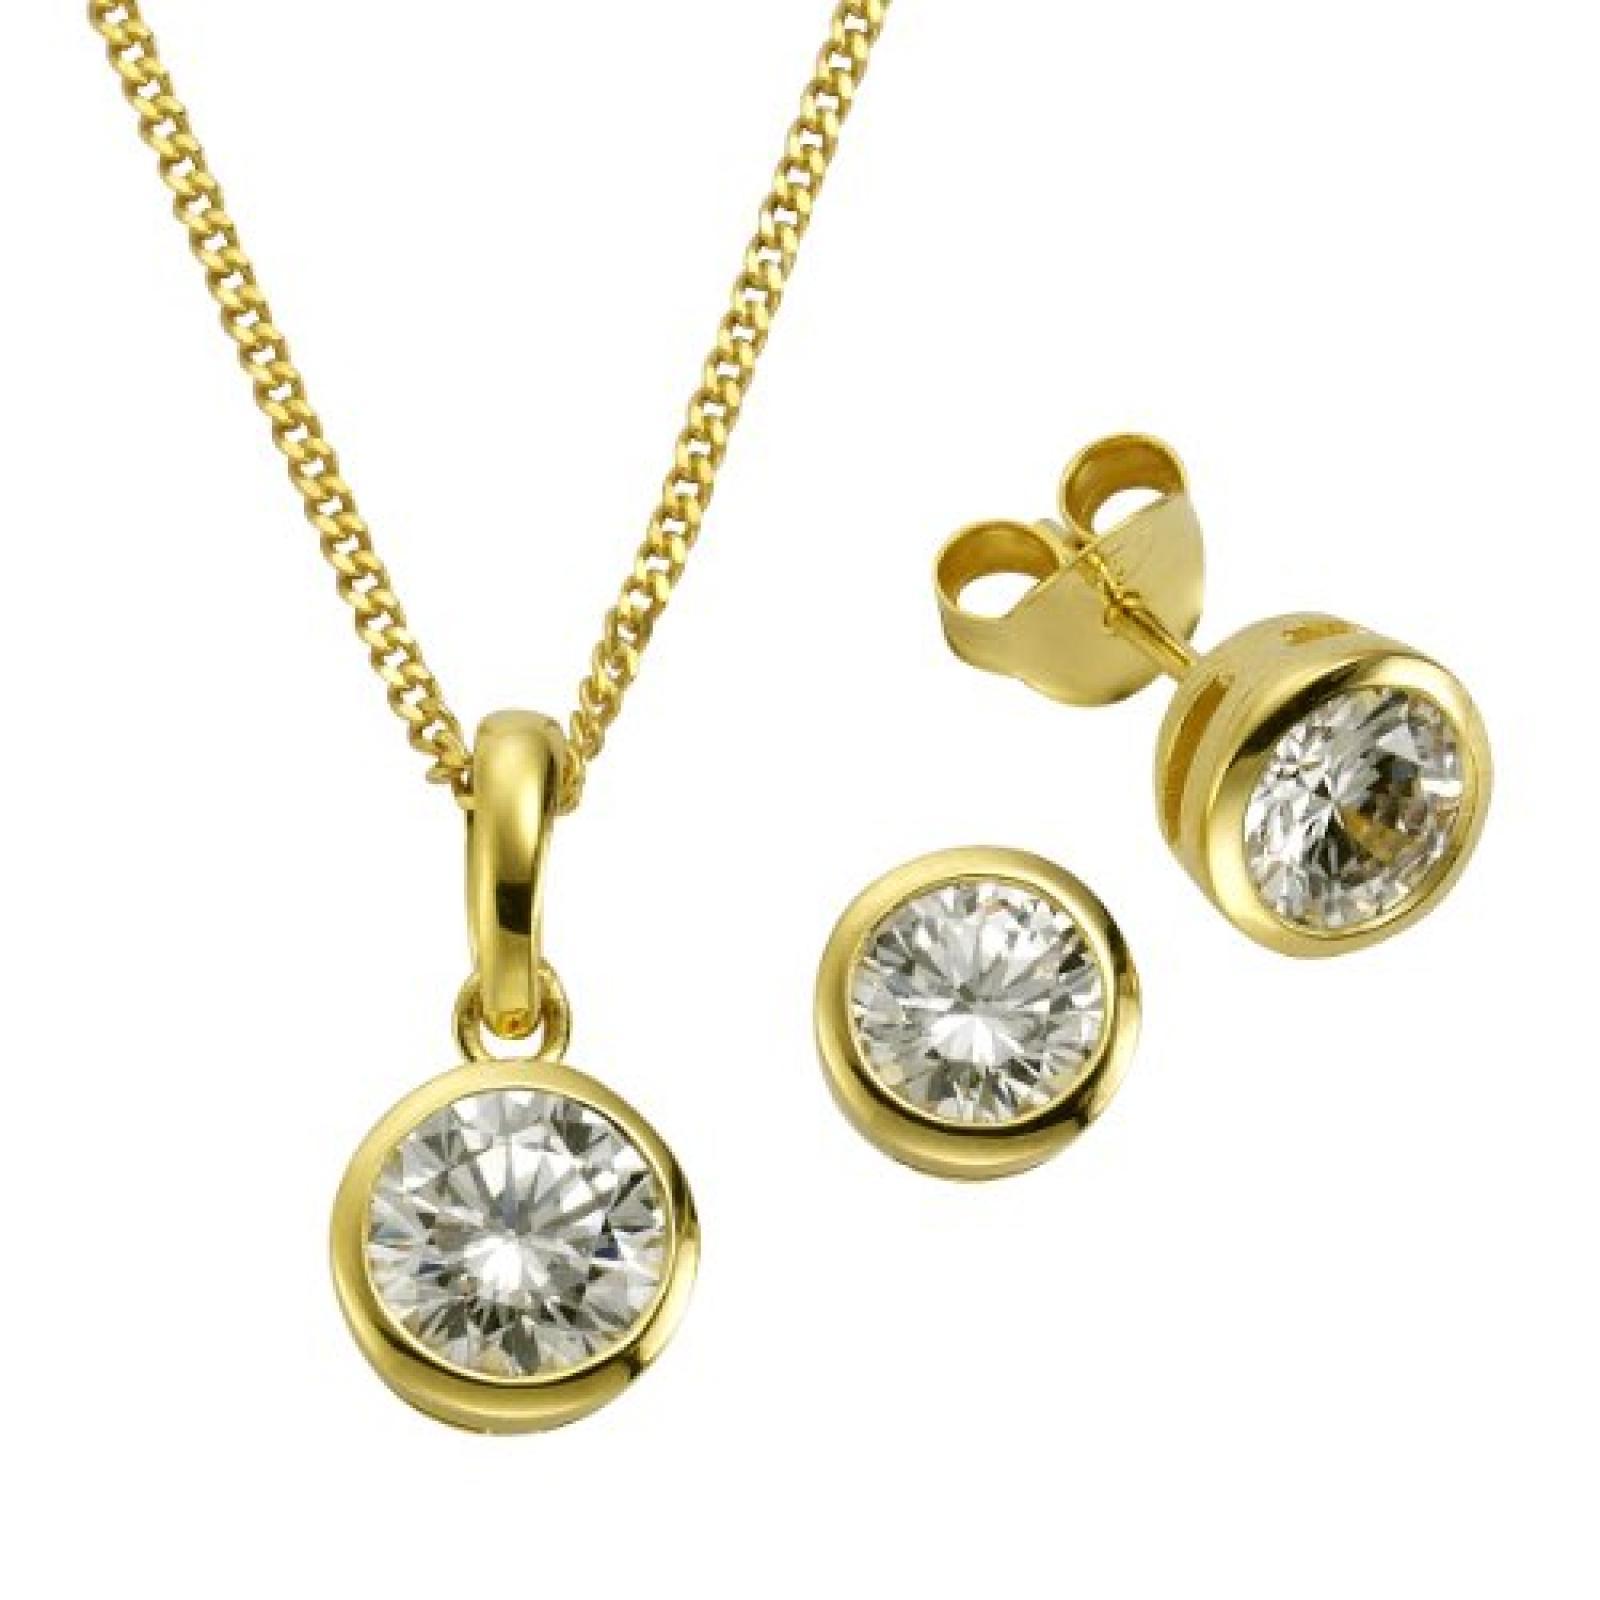 ZEEme Damen-Set: Halskette + Ohrringe 925 Sterling Silber Zirkonia weiß 45cm 500201361-3